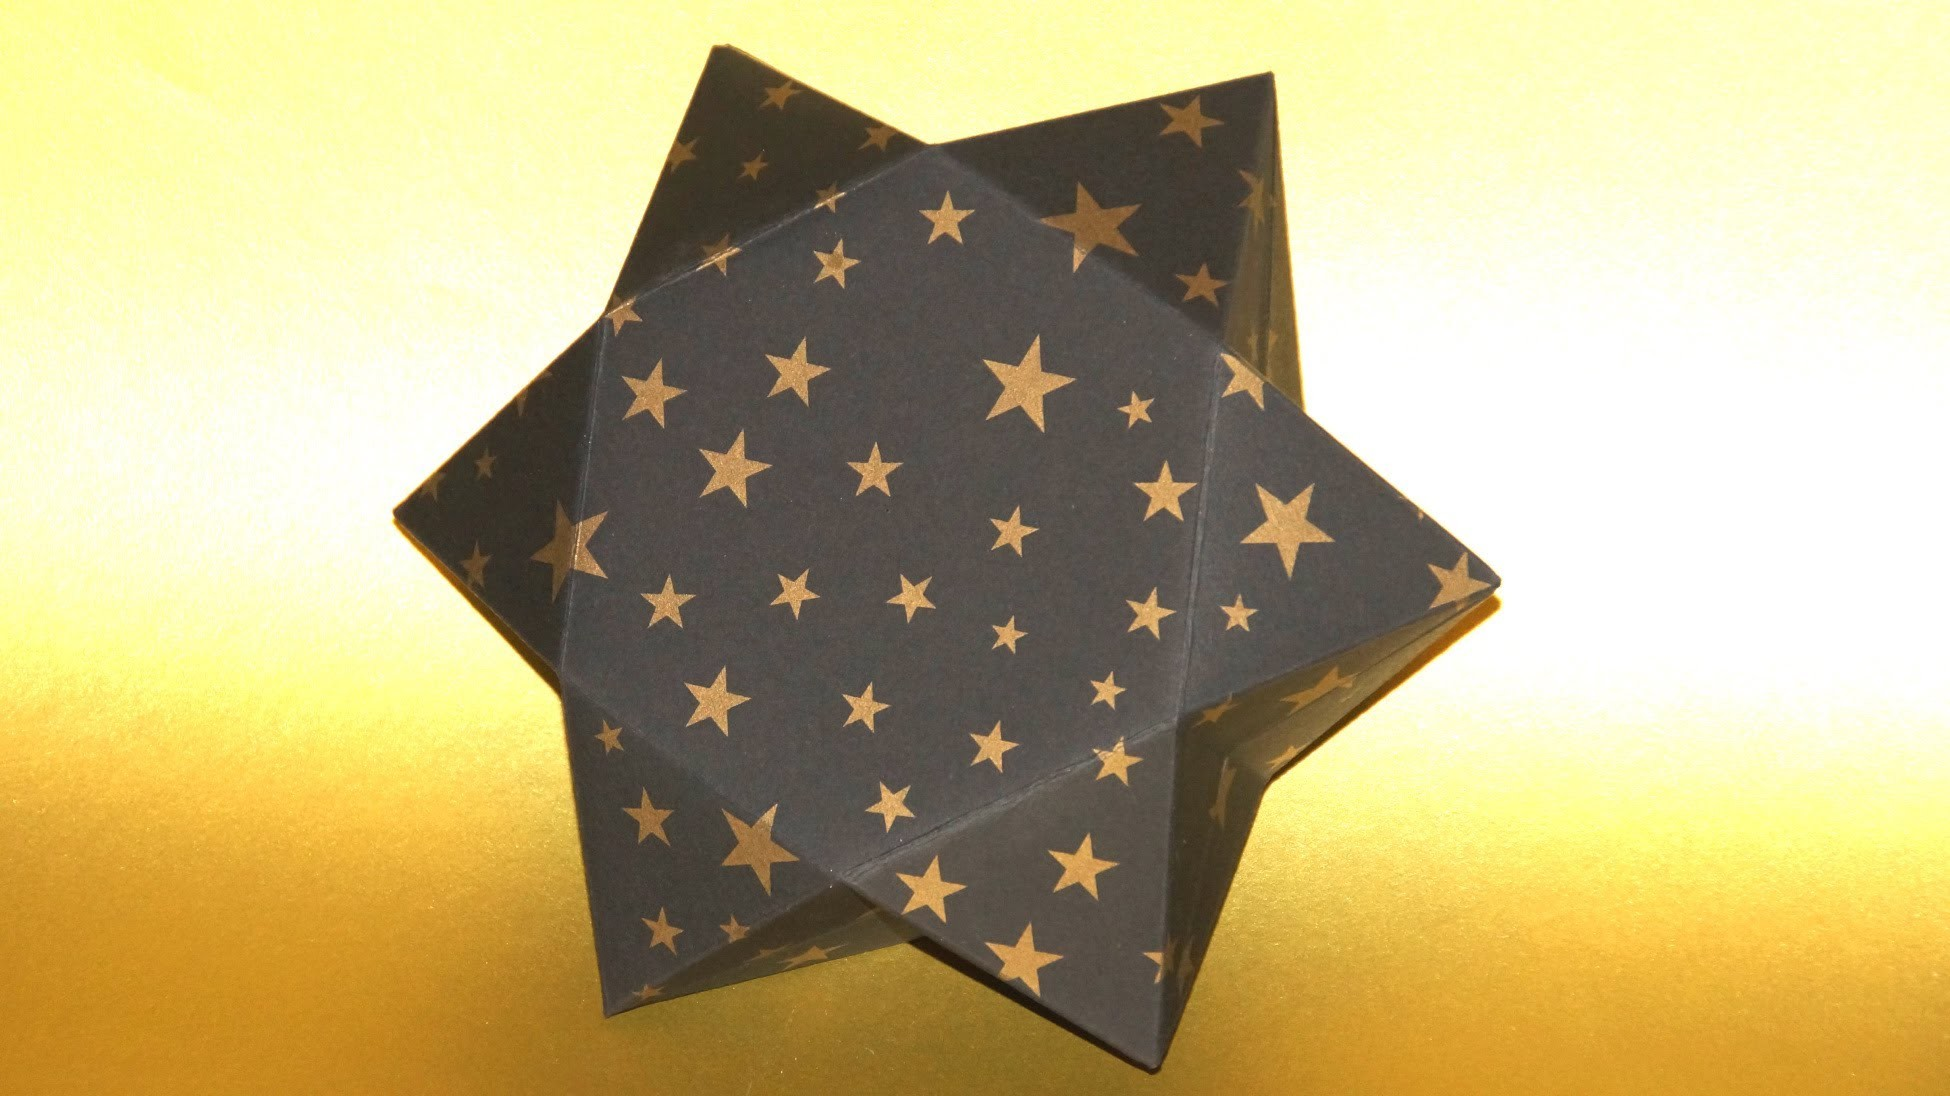 Sterne basteln.  eine Stern - Geschenkbox falten.  How to make a Star Gift Box